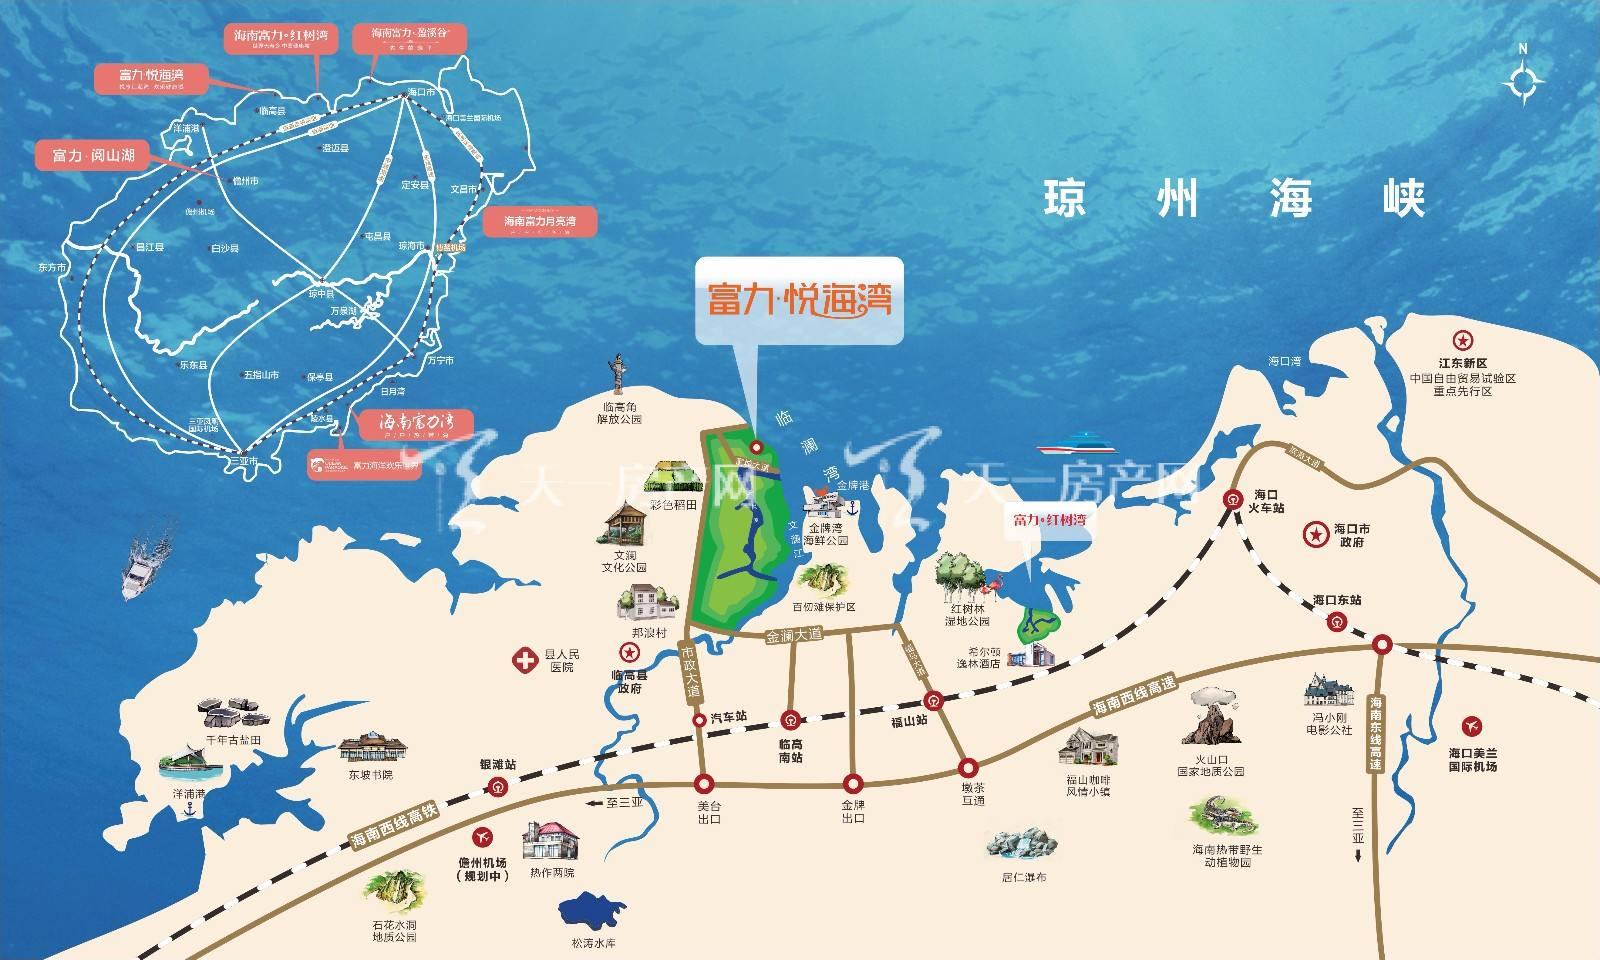 富力悦海湾交通图.jpg